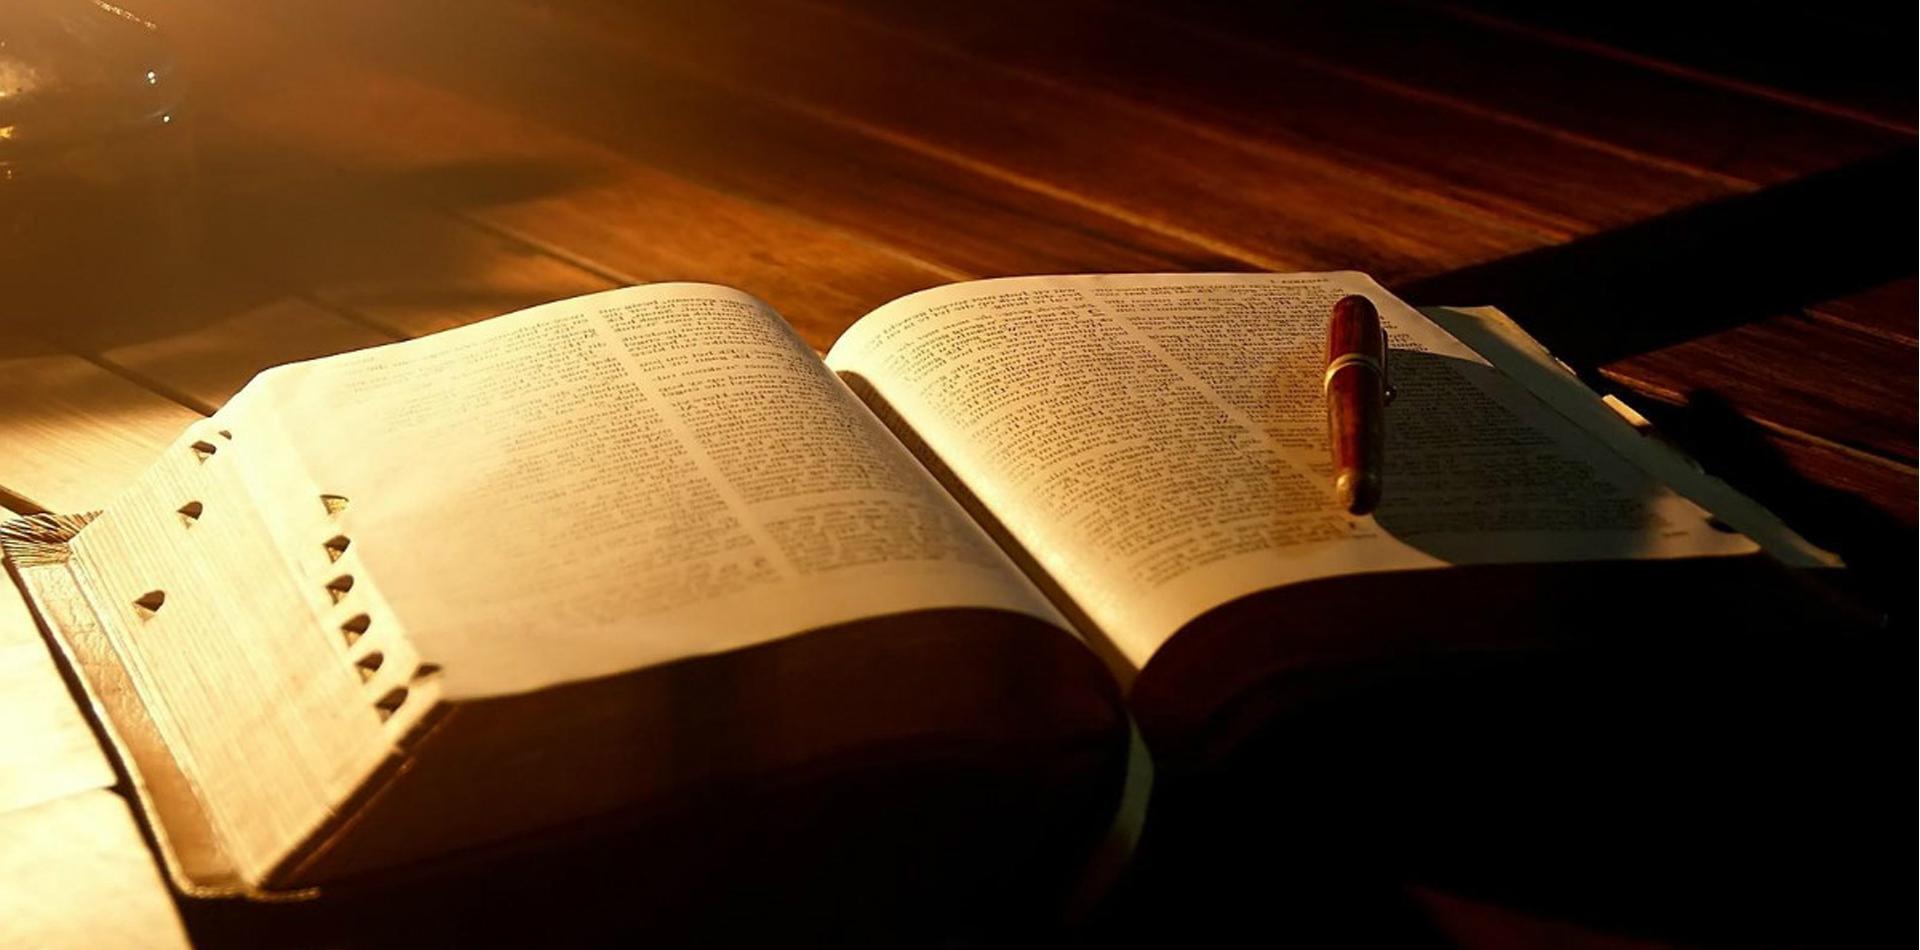 Curso Bíblico São Vito